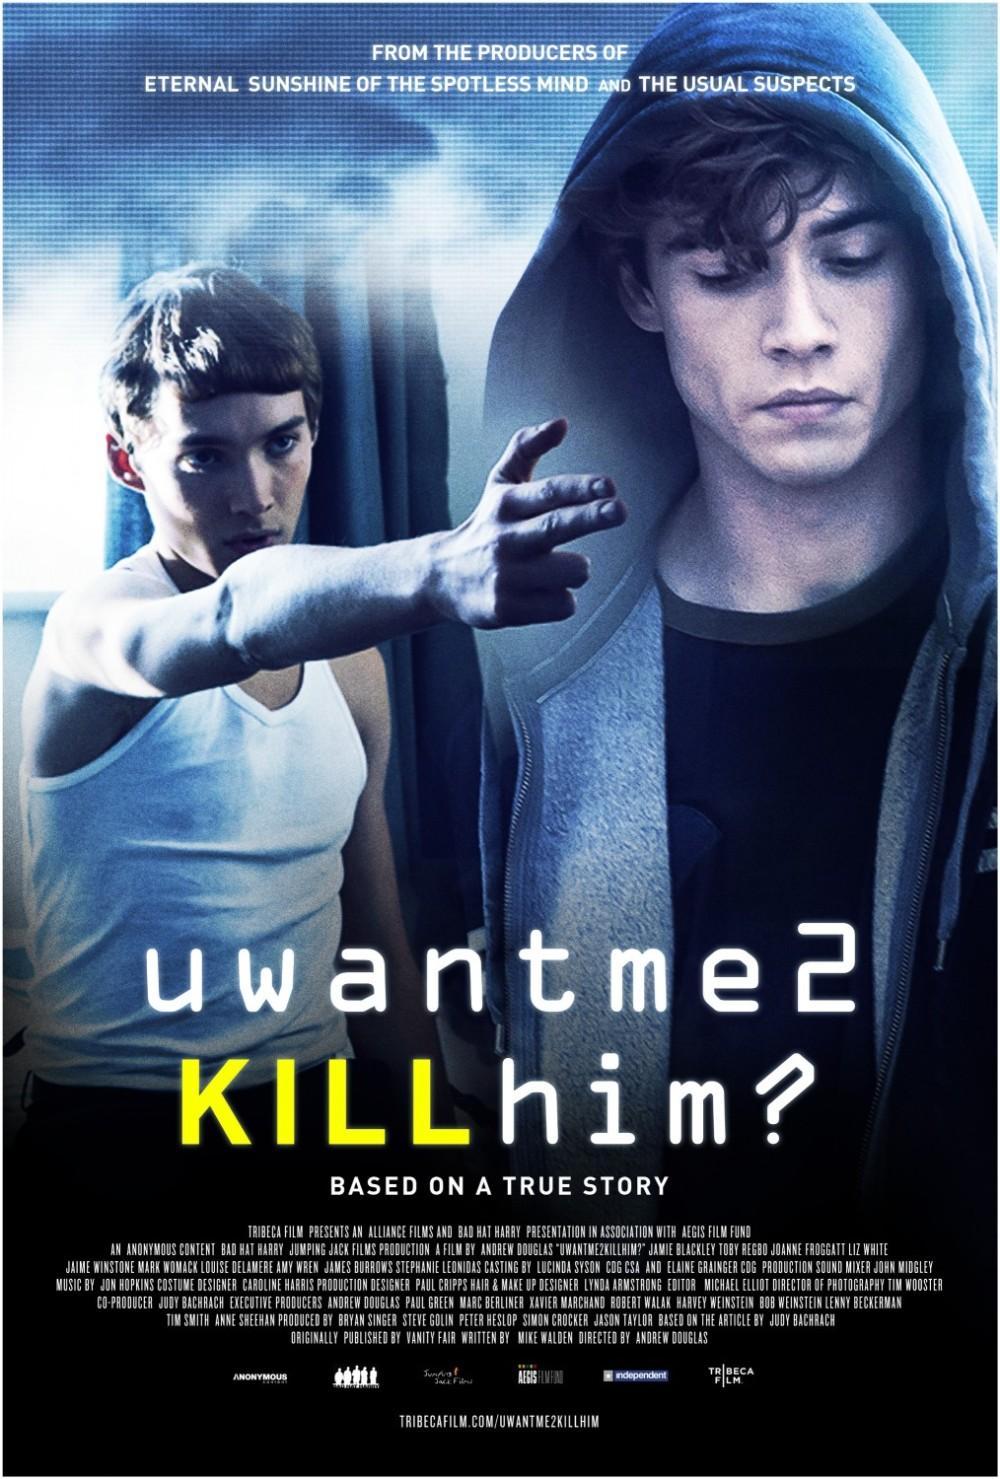 U Want Me 2 Kill Him poster